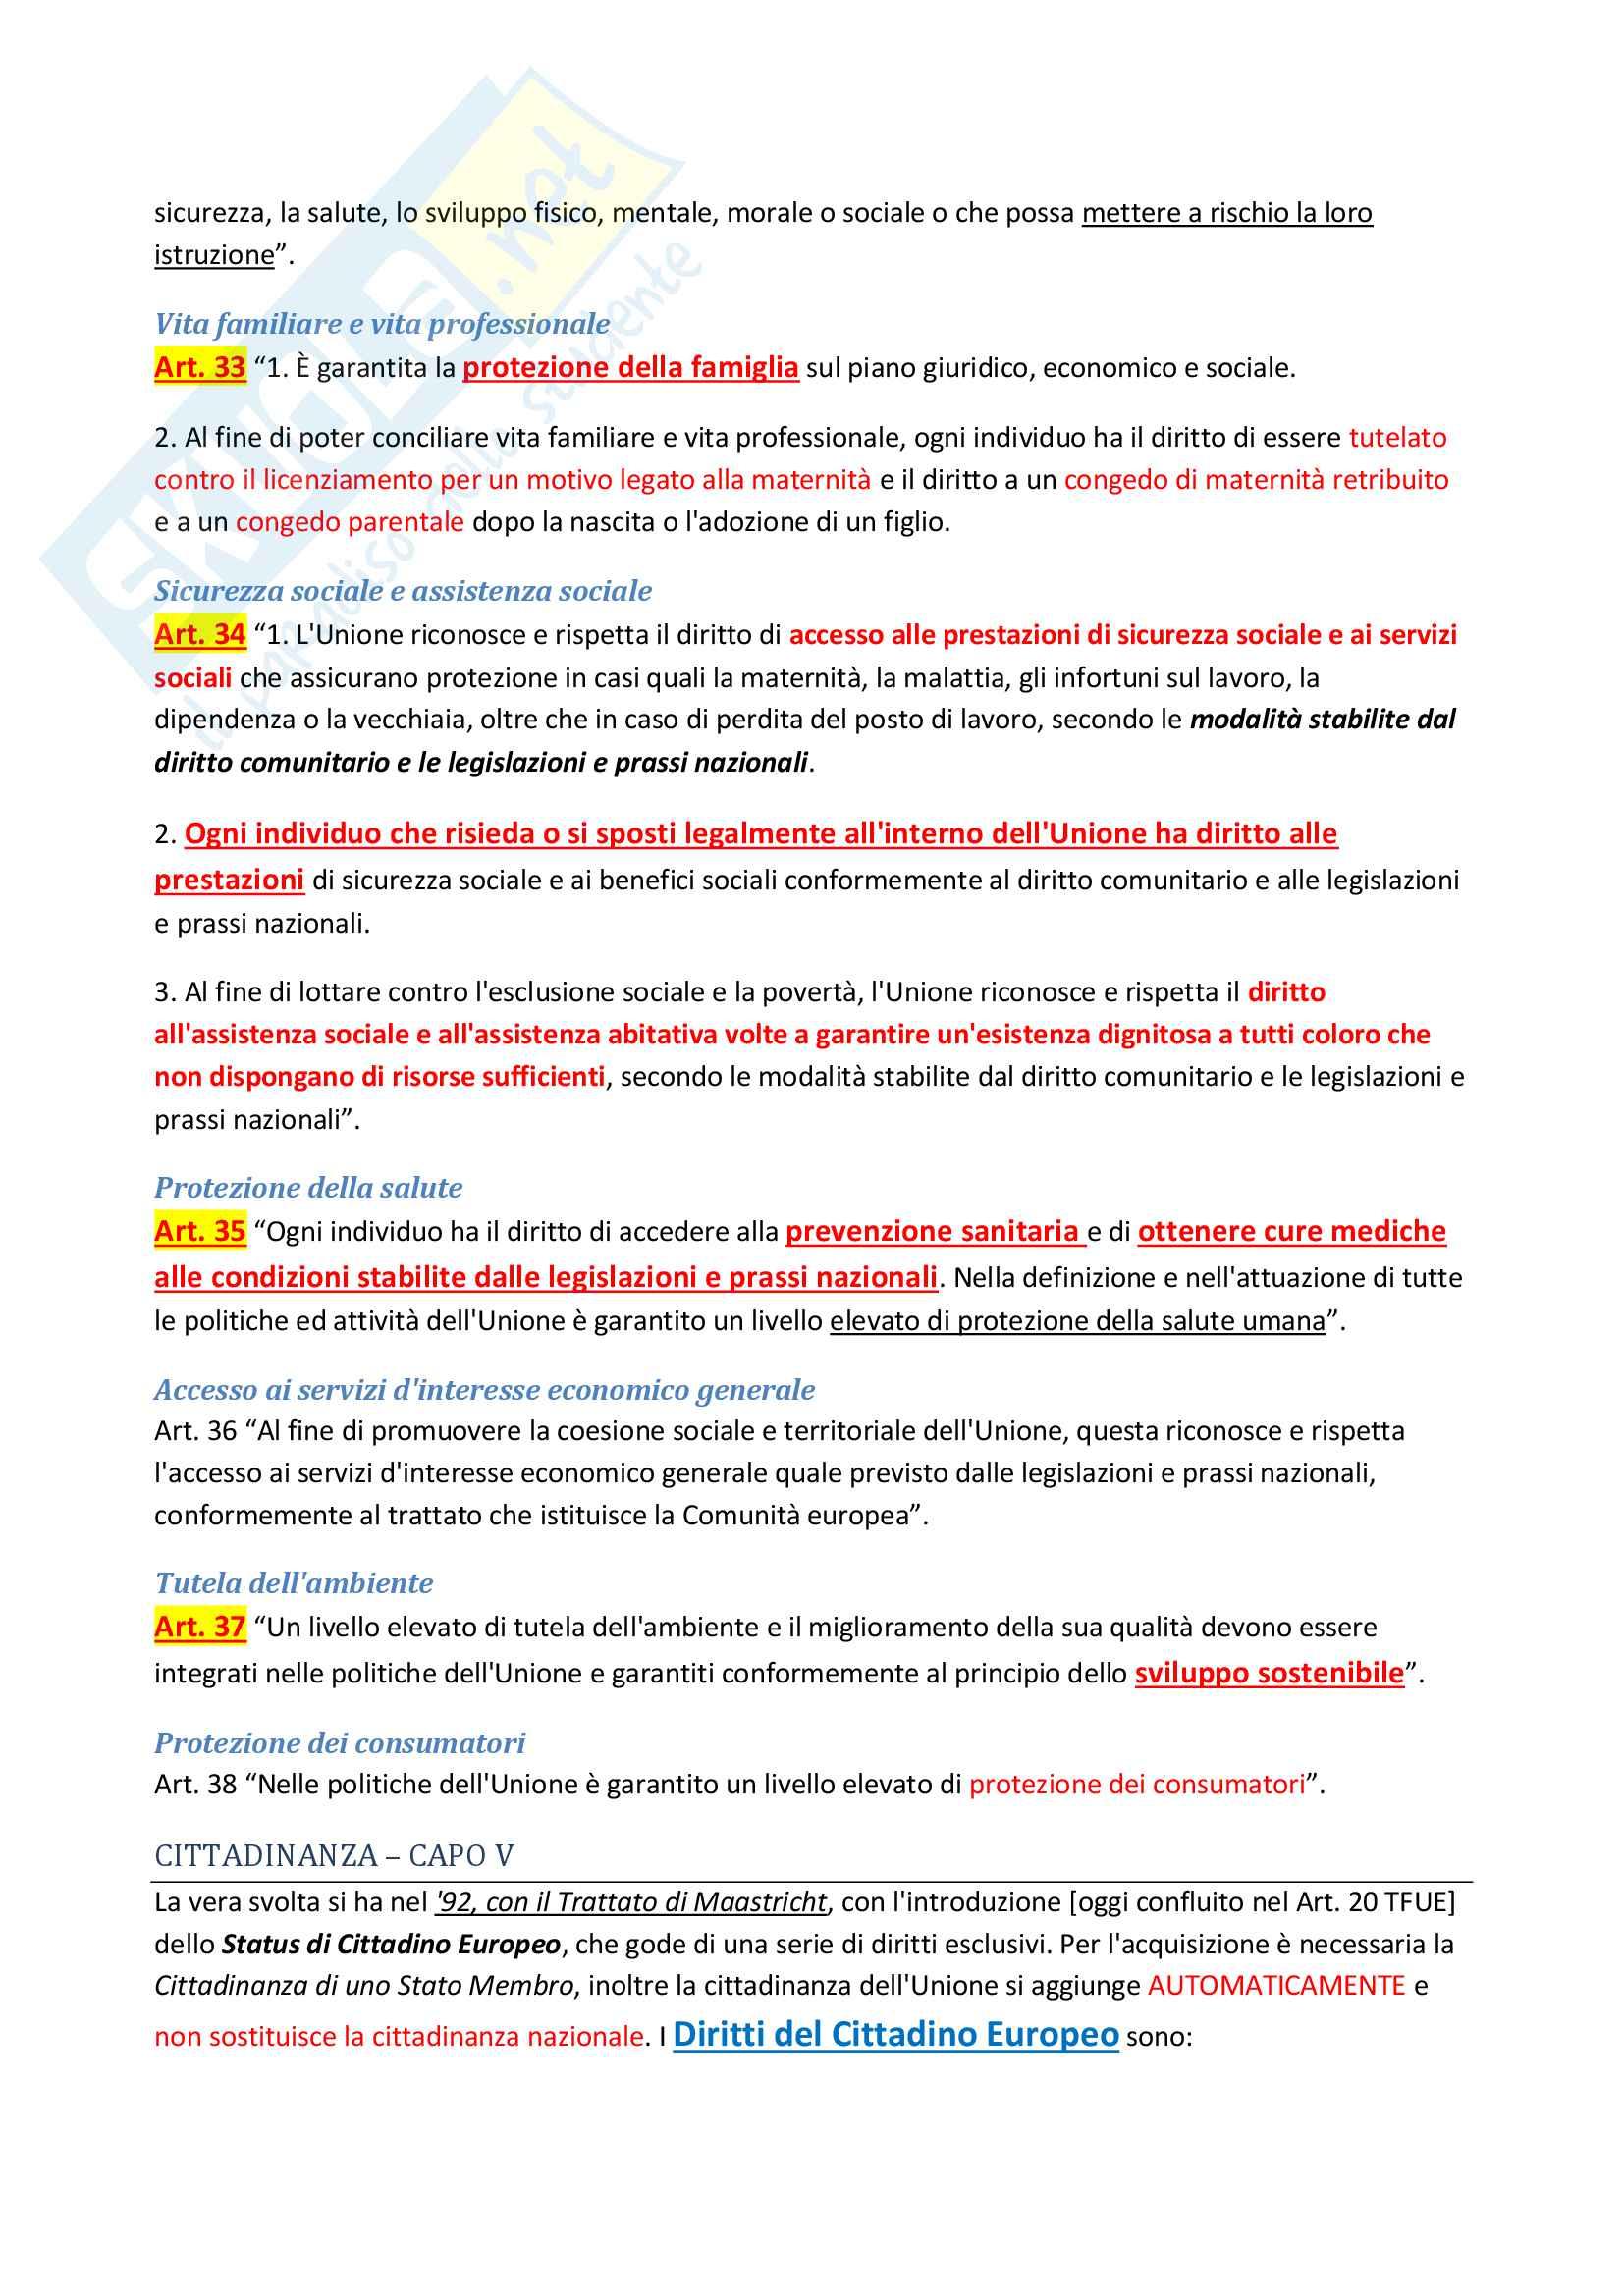 Riassunto esame di Diritto costituzionale 2 II, prof. P. Costanzo e L. Trucco, libro consigliato Lineamenti di diritto costituzionale dell'Unione Europea, P. Costanzo Pag. 71